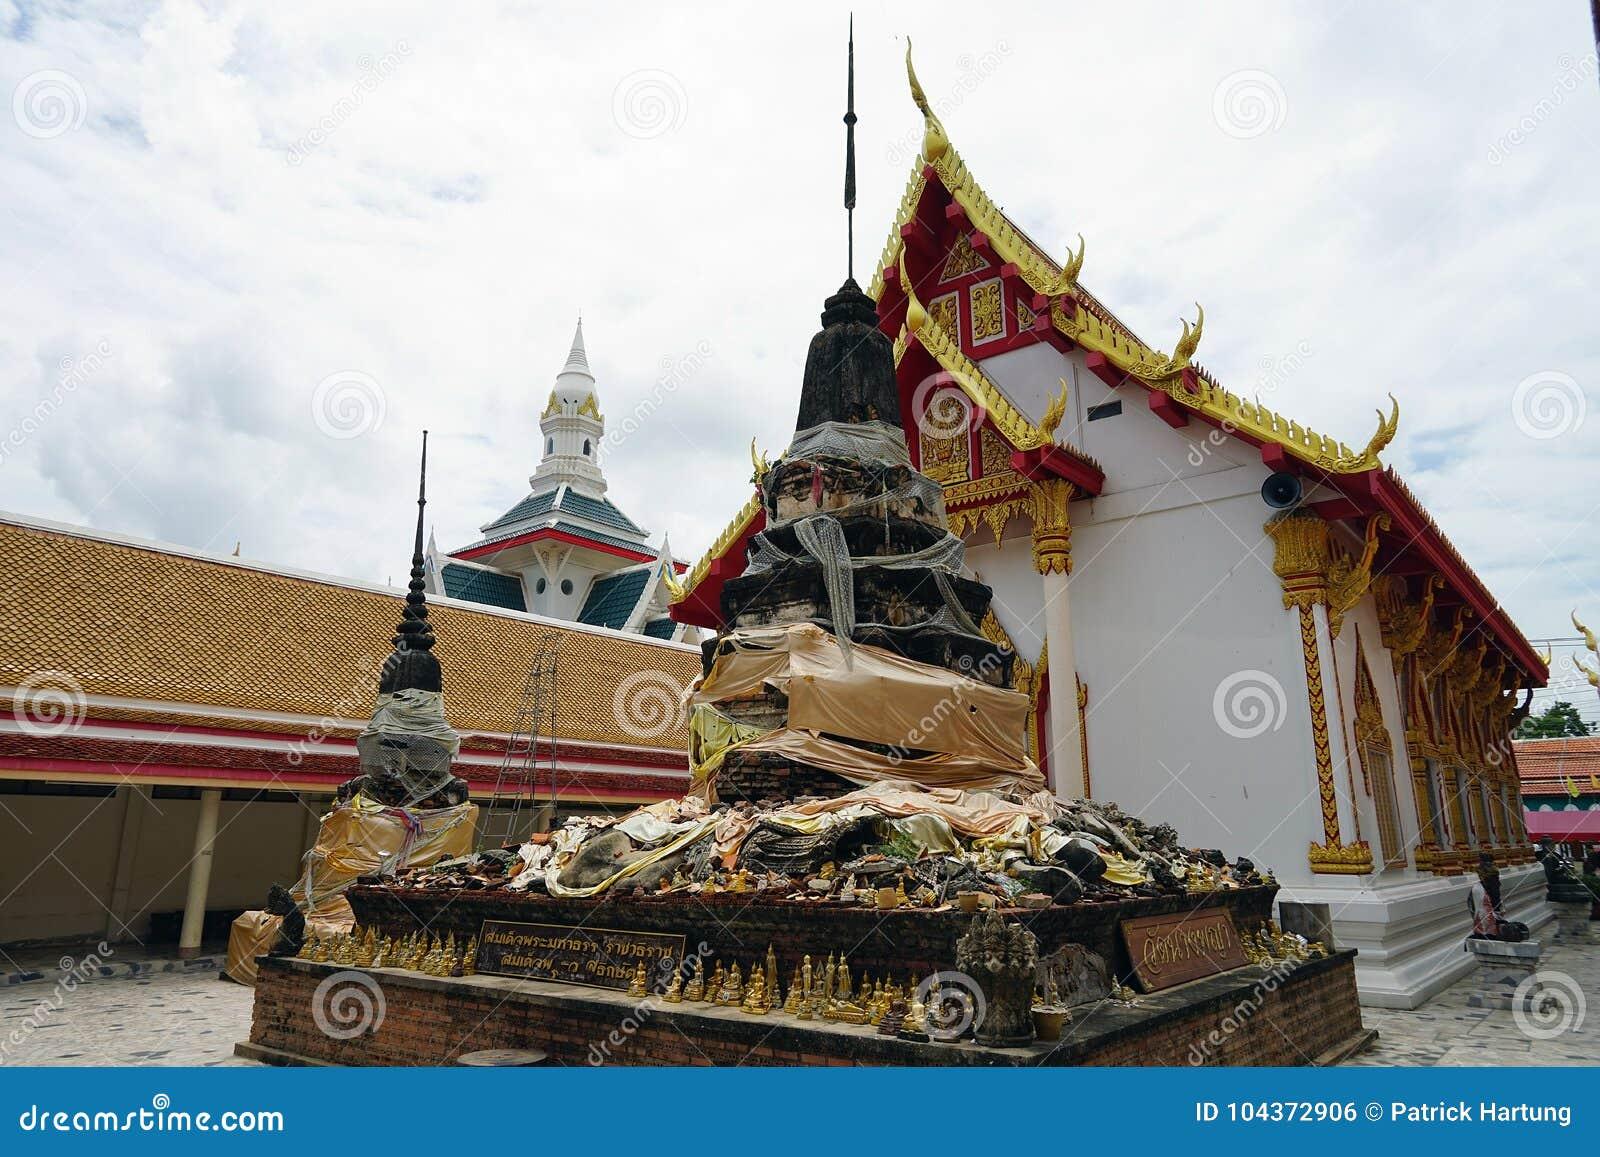 Download Phitsanulok Buddha Thailand Temple Buddhism God Travel Religion Stock Photo - Image of phitsanulok, asia: 104372906